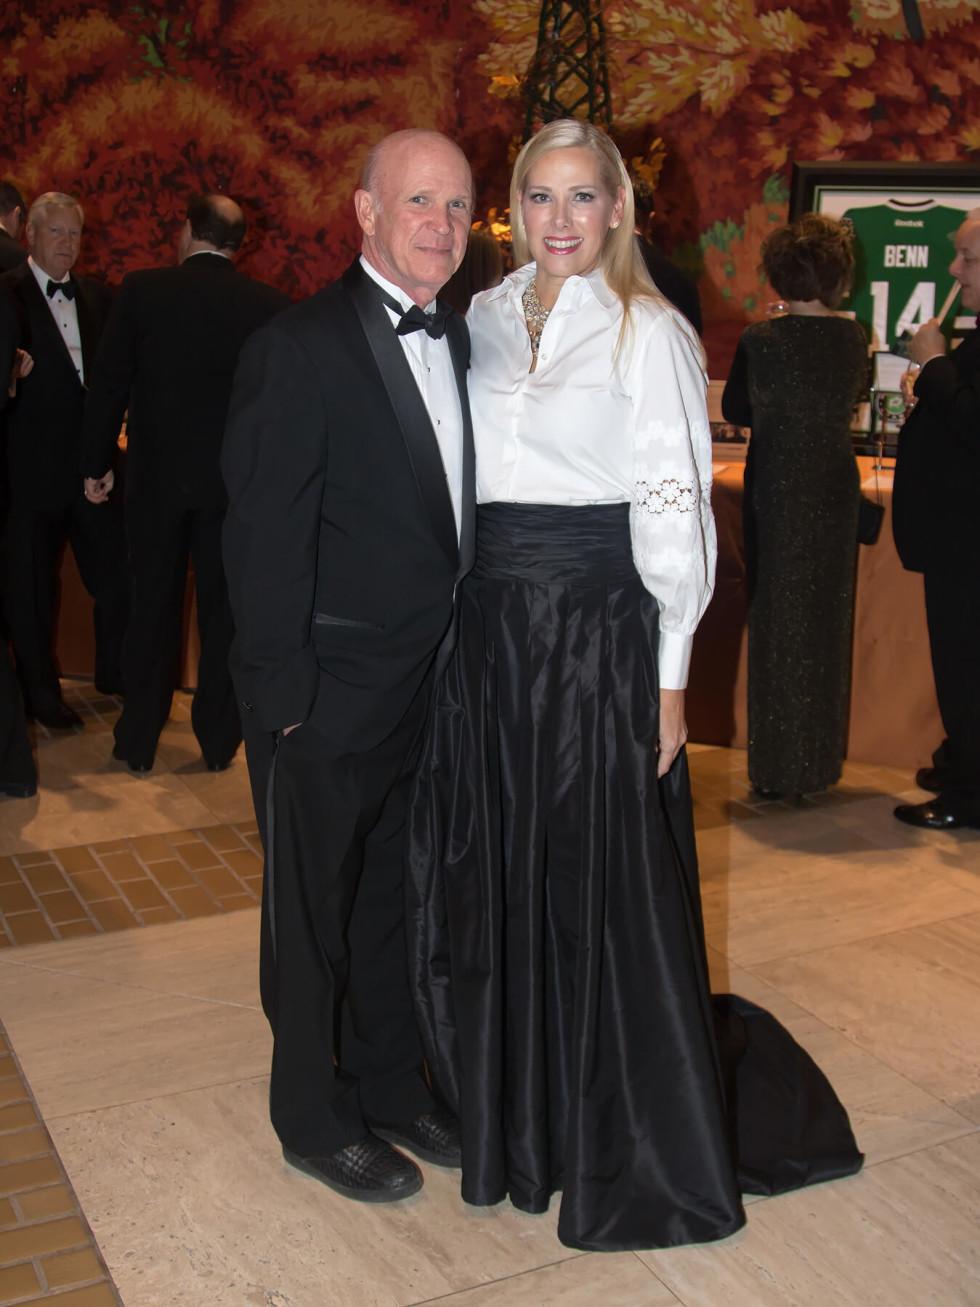 Steve McKnight, Phyllis McKnight